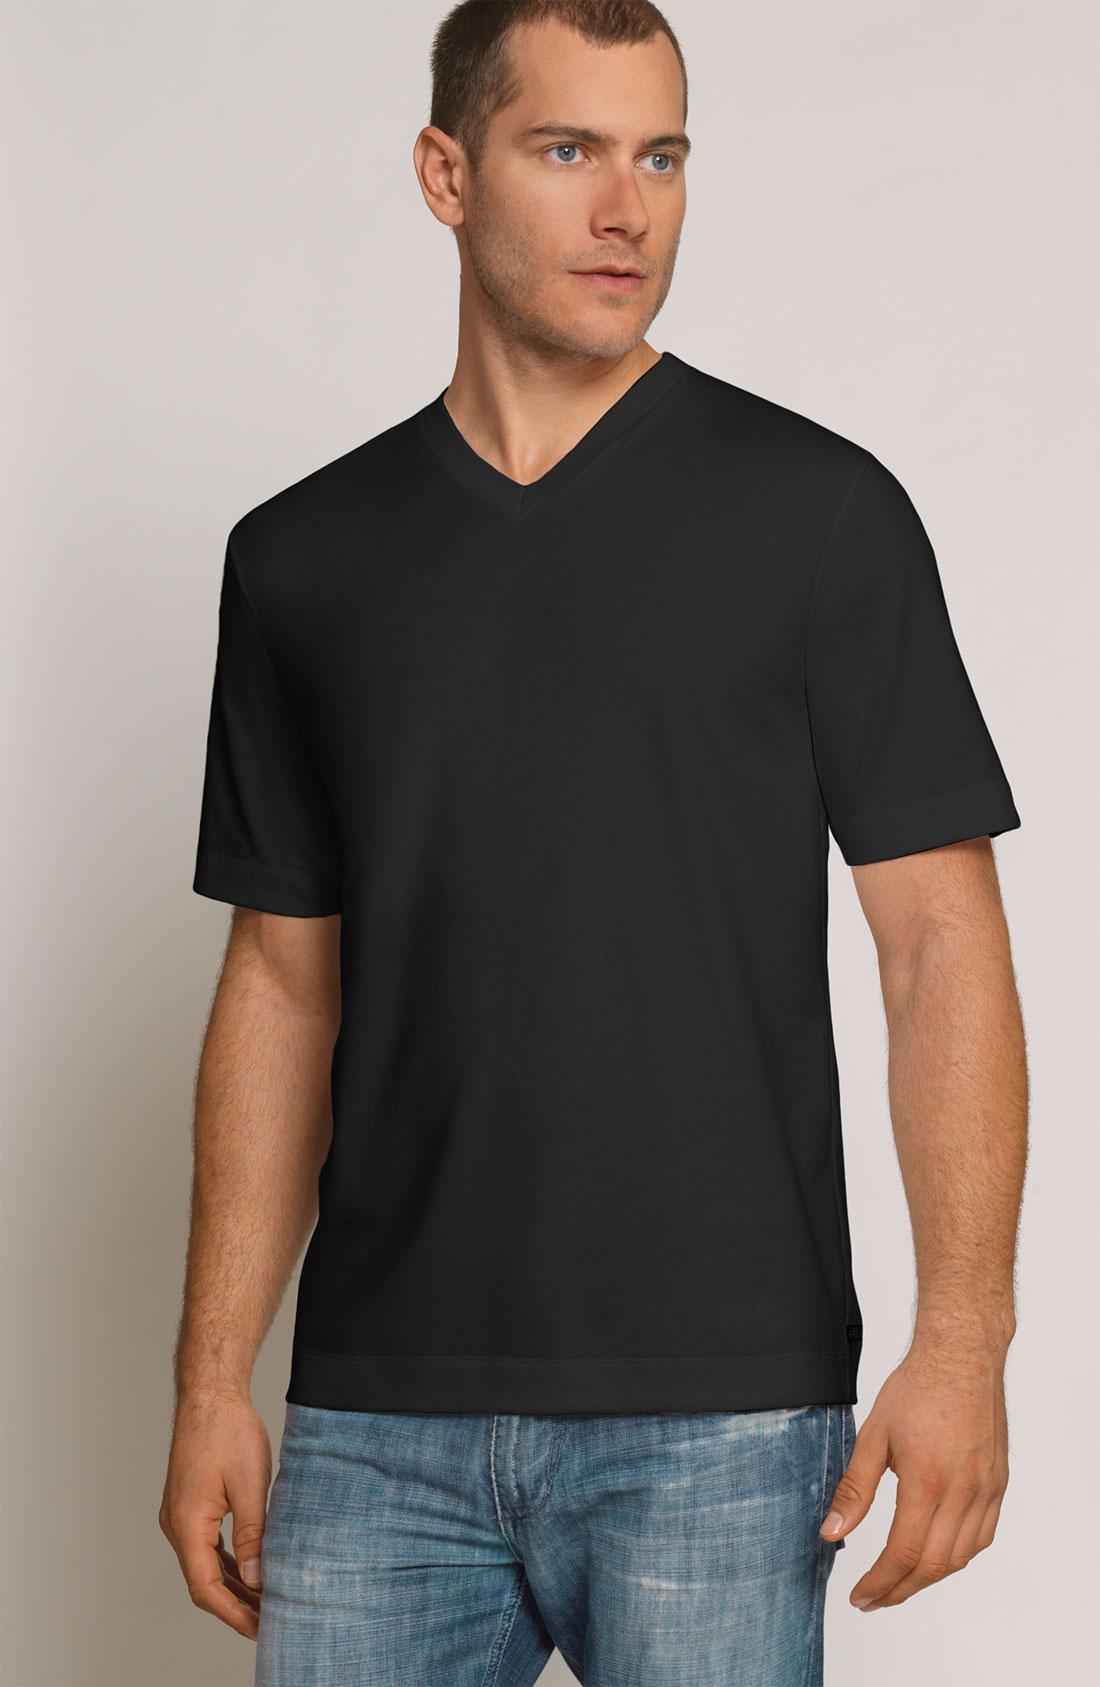 Coopers by jockey outlast v neck t shirt in black for for Jockey v neck shirt